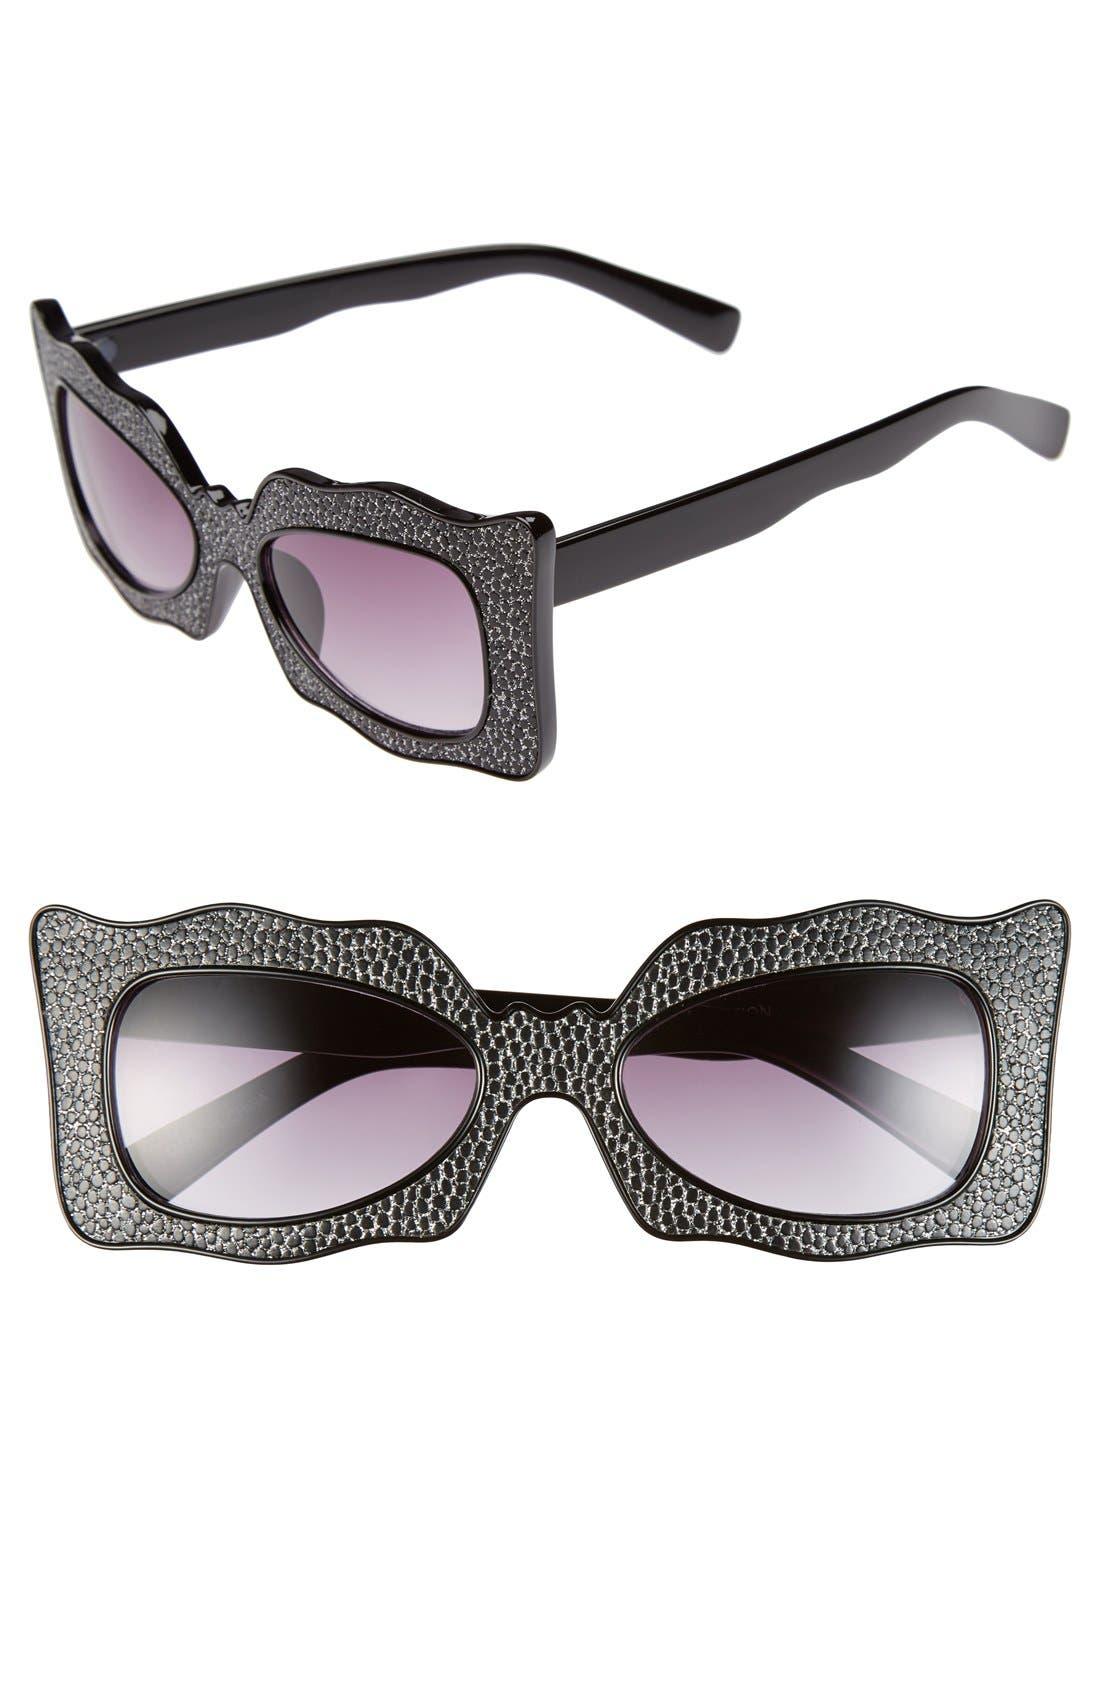 Main Image - FE NY 55mm Curvy Rectangle Glitter Sunglasses